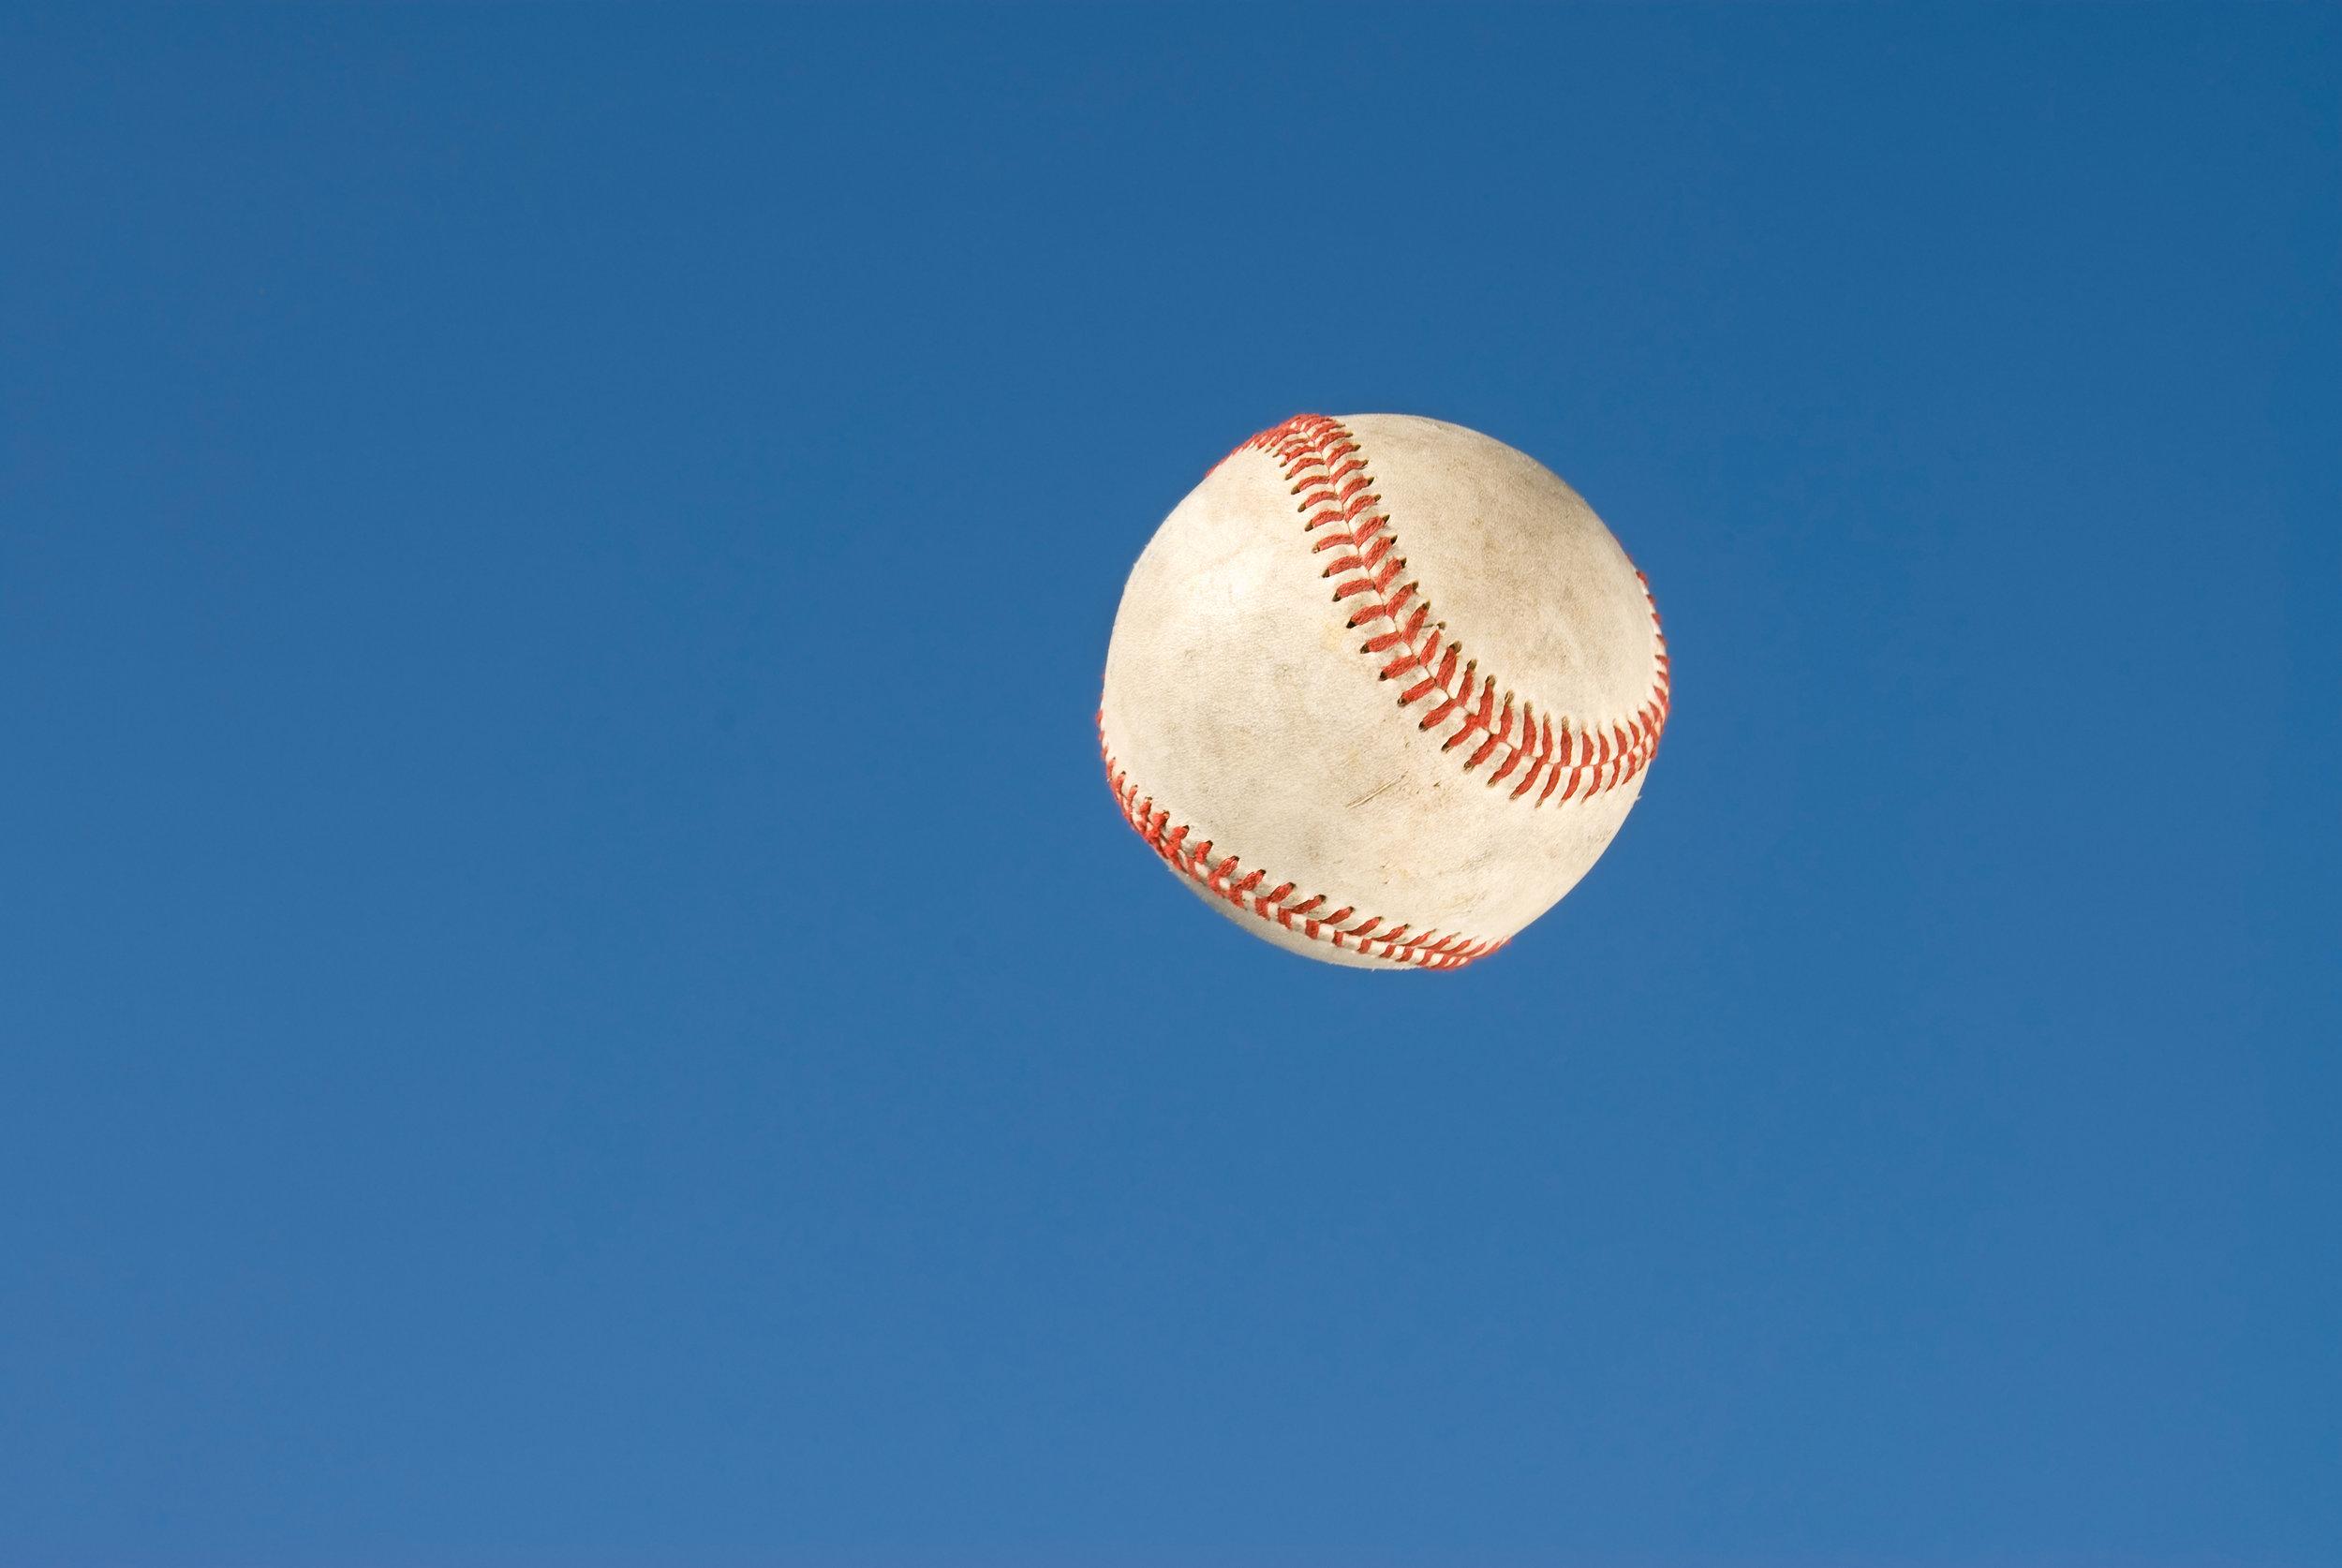 baseball-UYSTMV7.jpg